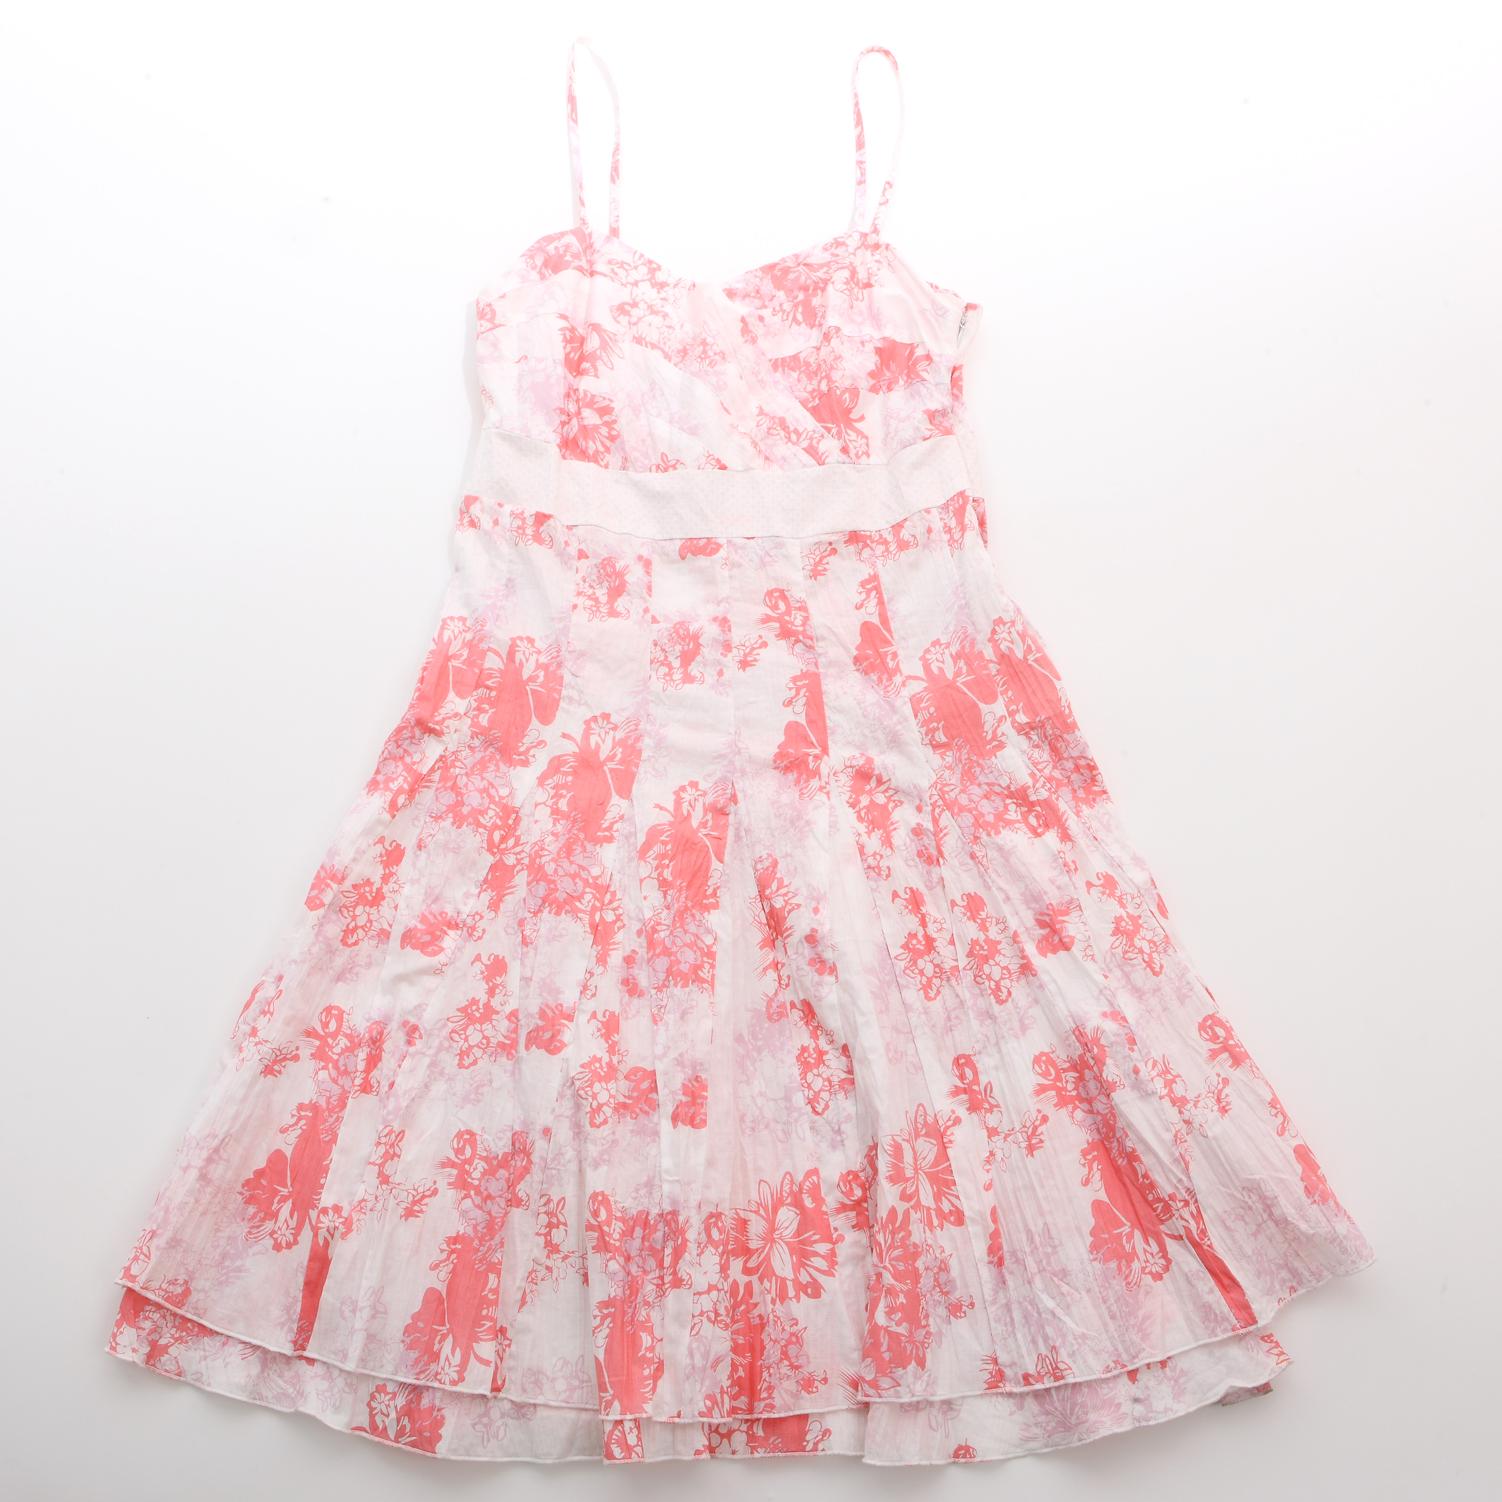 6 | Μίνι φόρεμα σε ροζ και άσπρο Oxmo